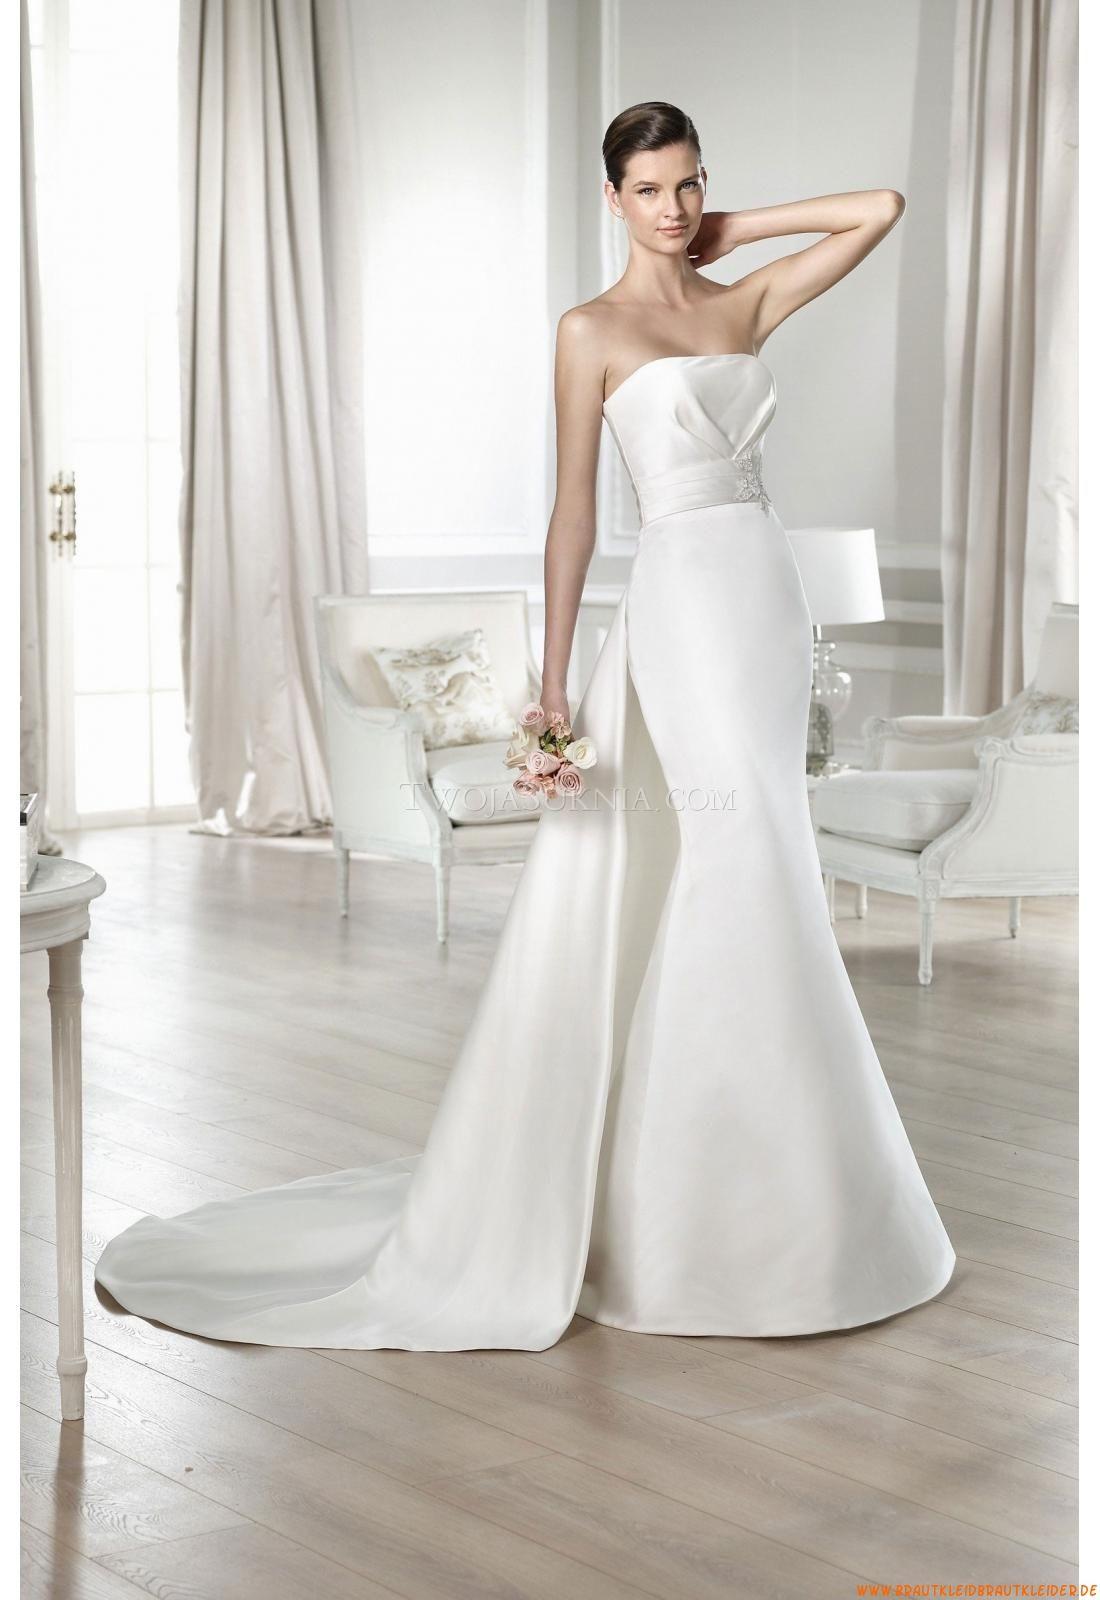 Trägerlos Meerjungfrau Bodenlang Elegante Brautkleider 2014 | WHEN ...